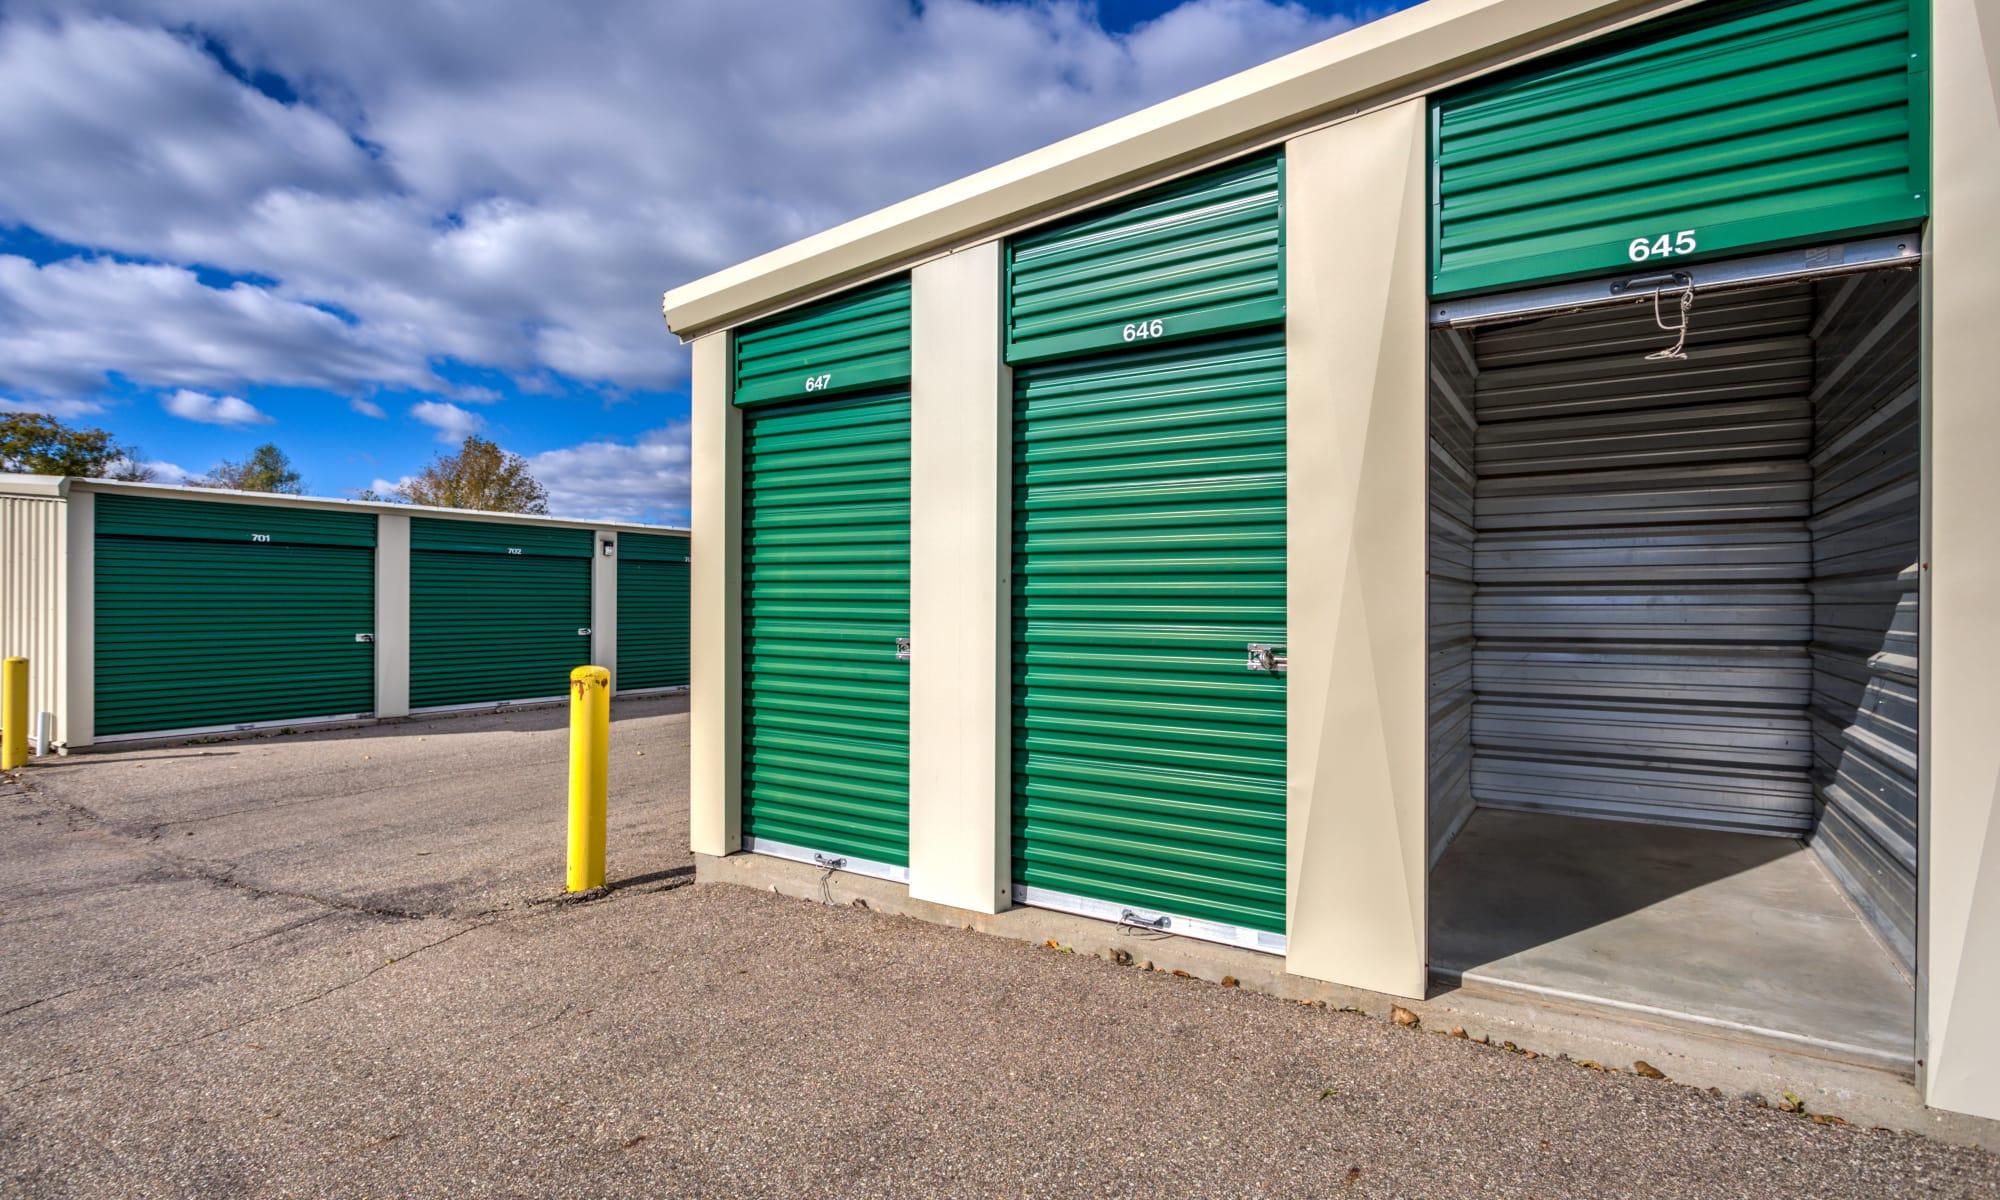 Storage in Fenton, Michigan at Citizen Storage